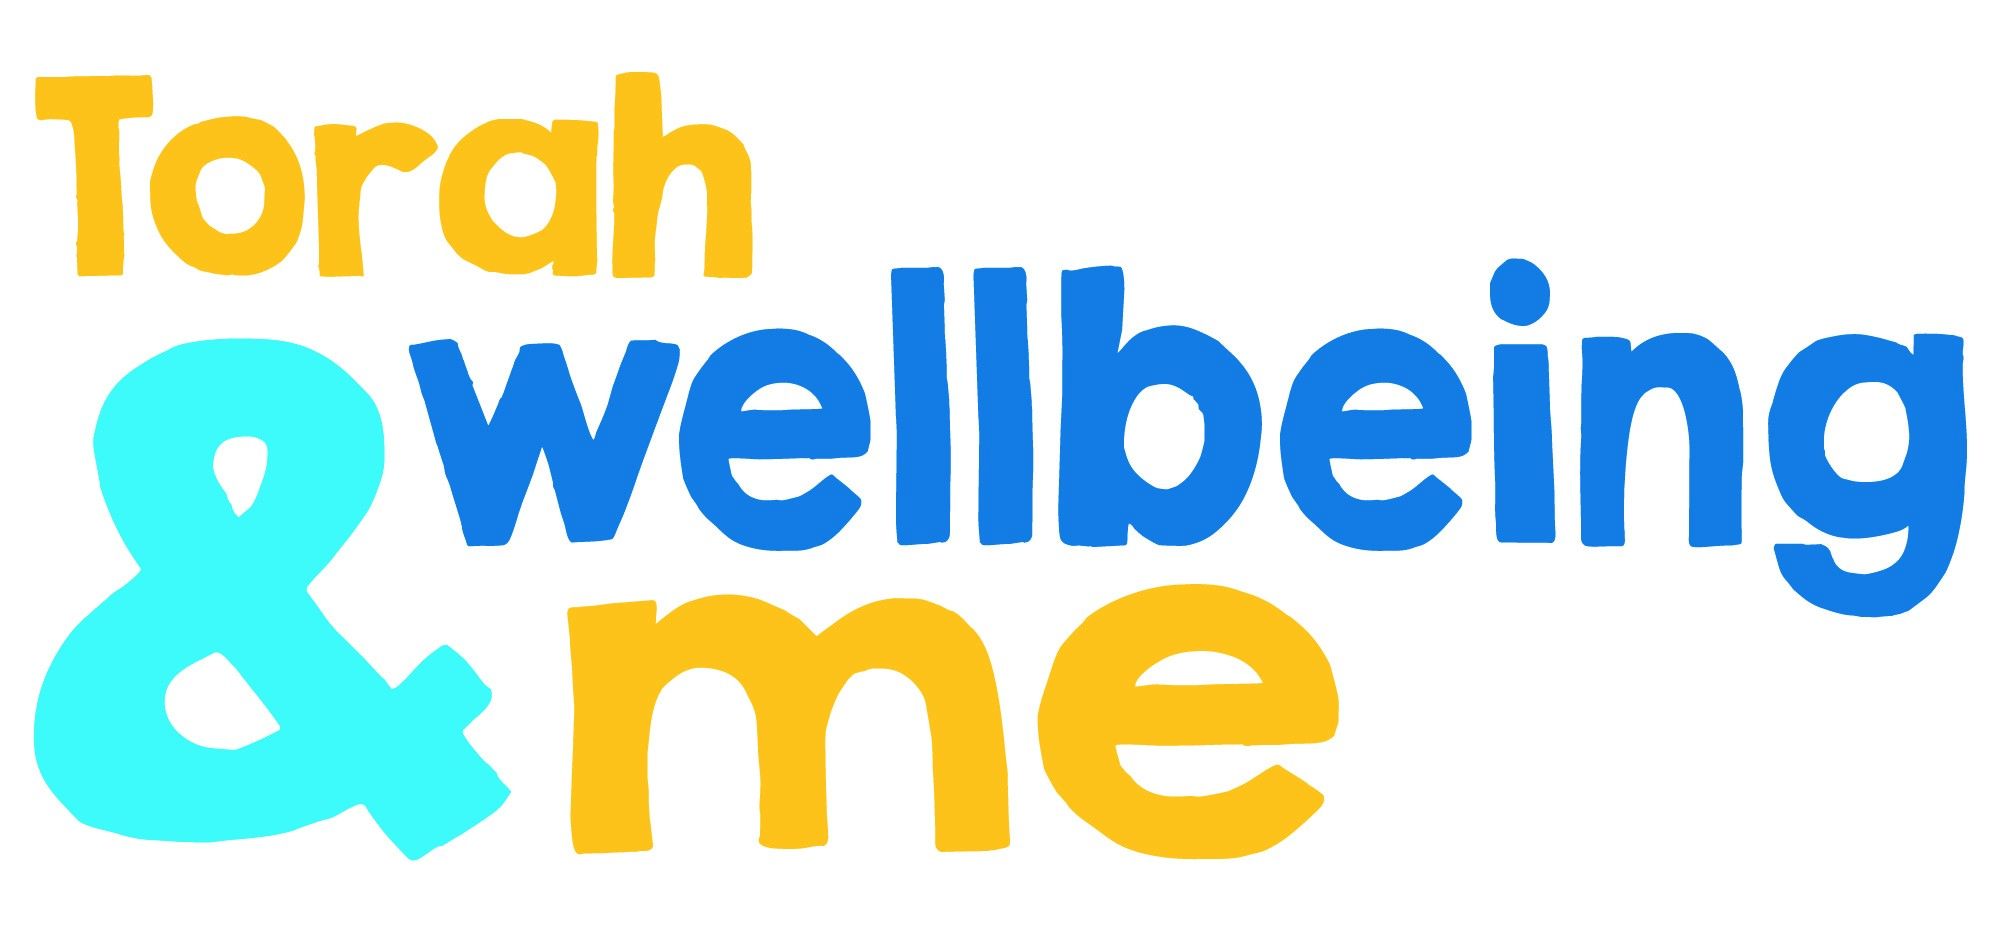 Torah_welbeing_and_me_logo.jpg